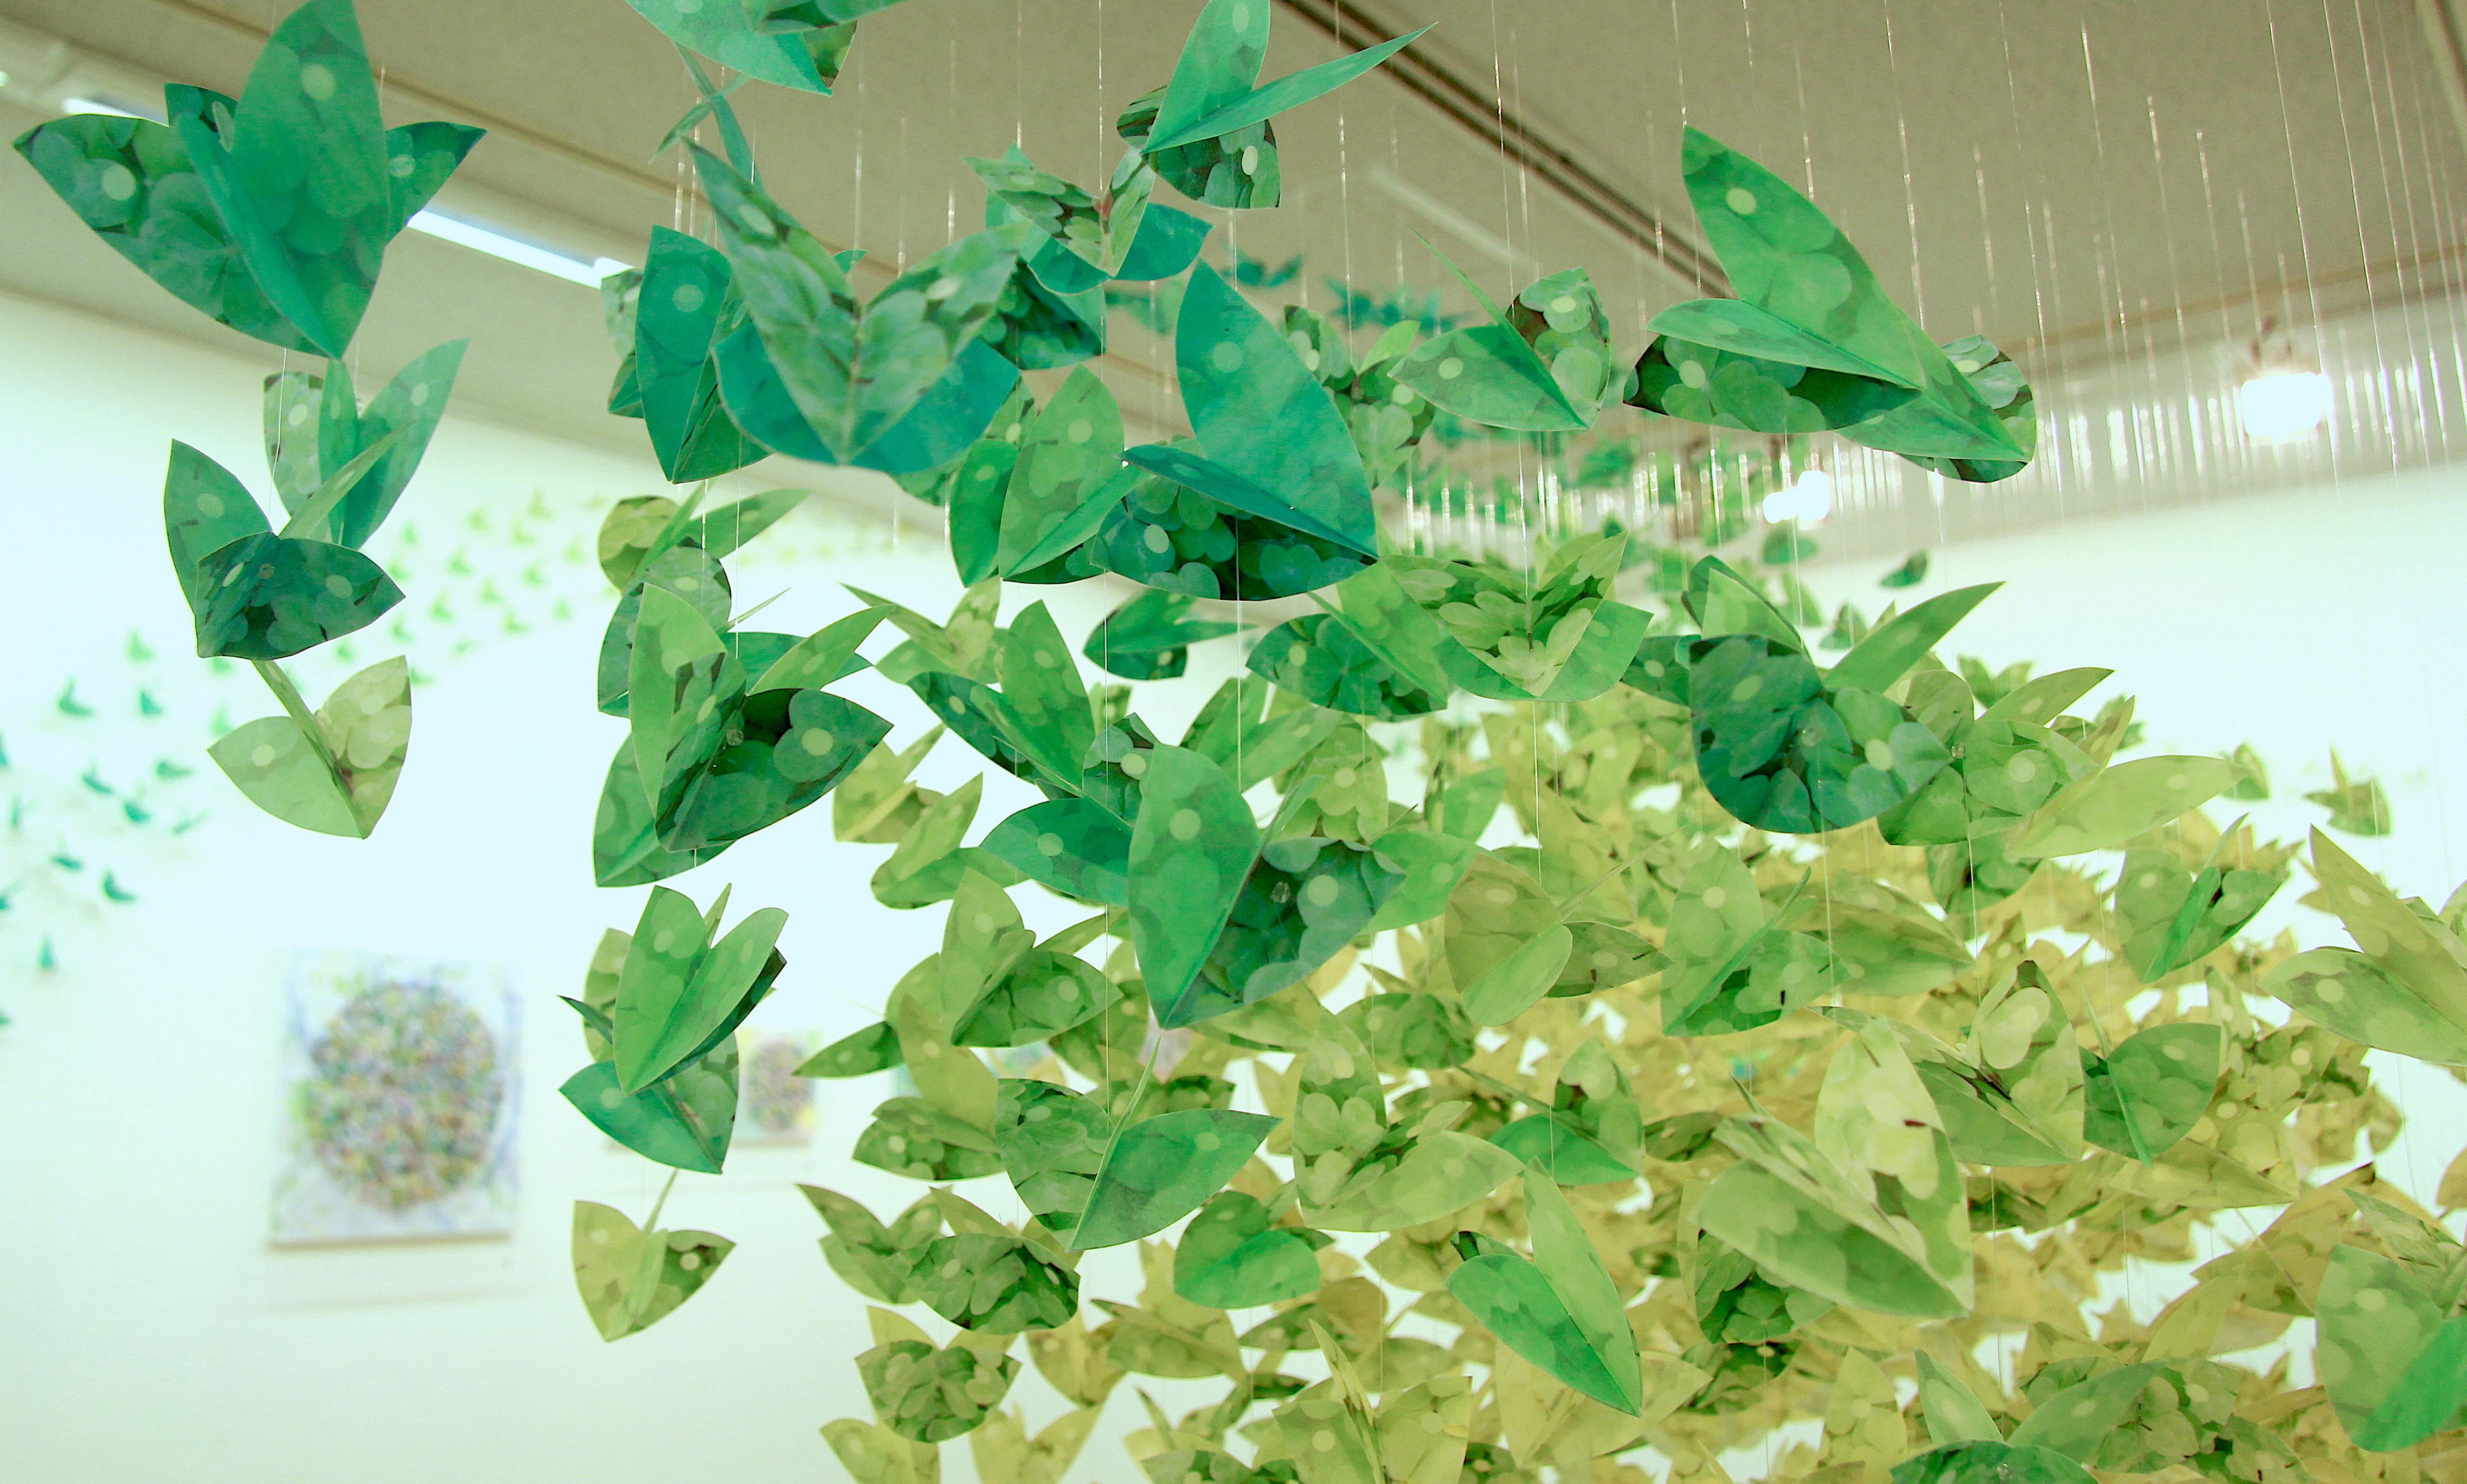 Hundredevis af grønne papirblade i forskellige nuancer i hvirvlende formation